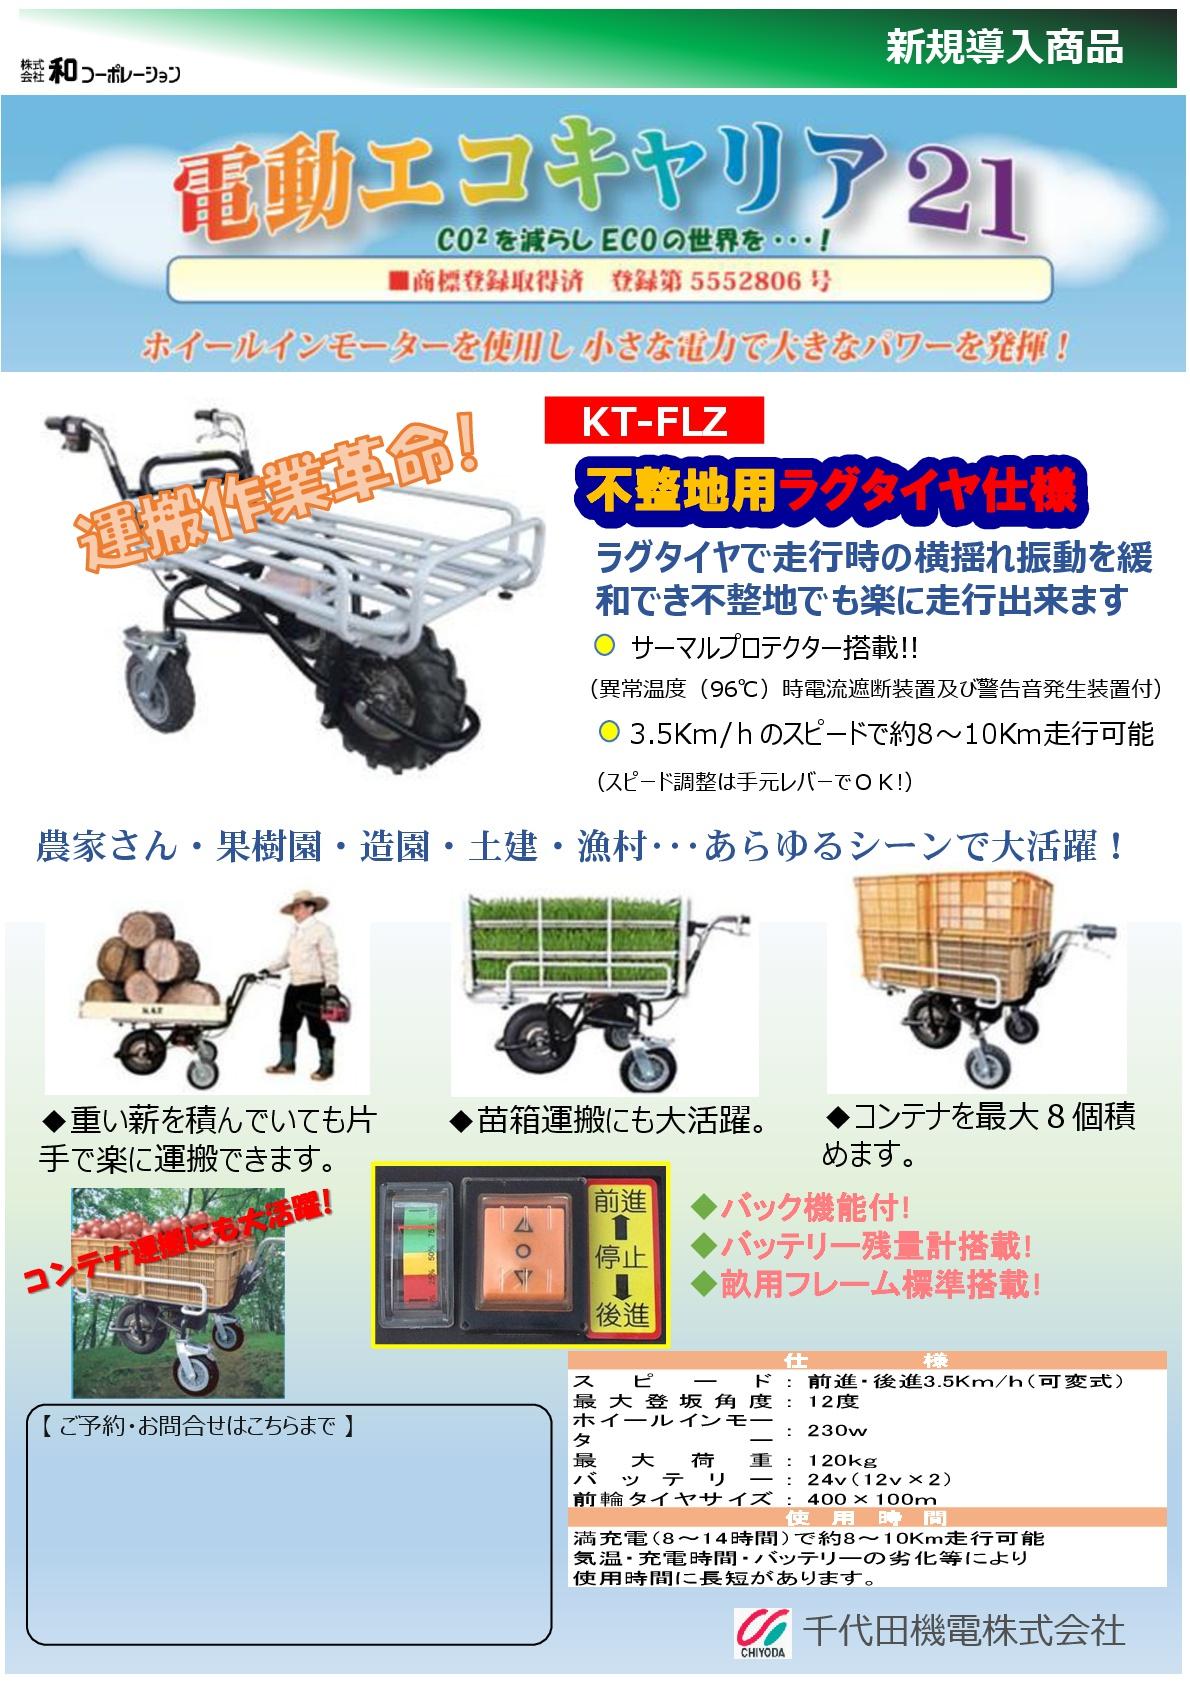 電動エコキャリアKT-FLZ-001